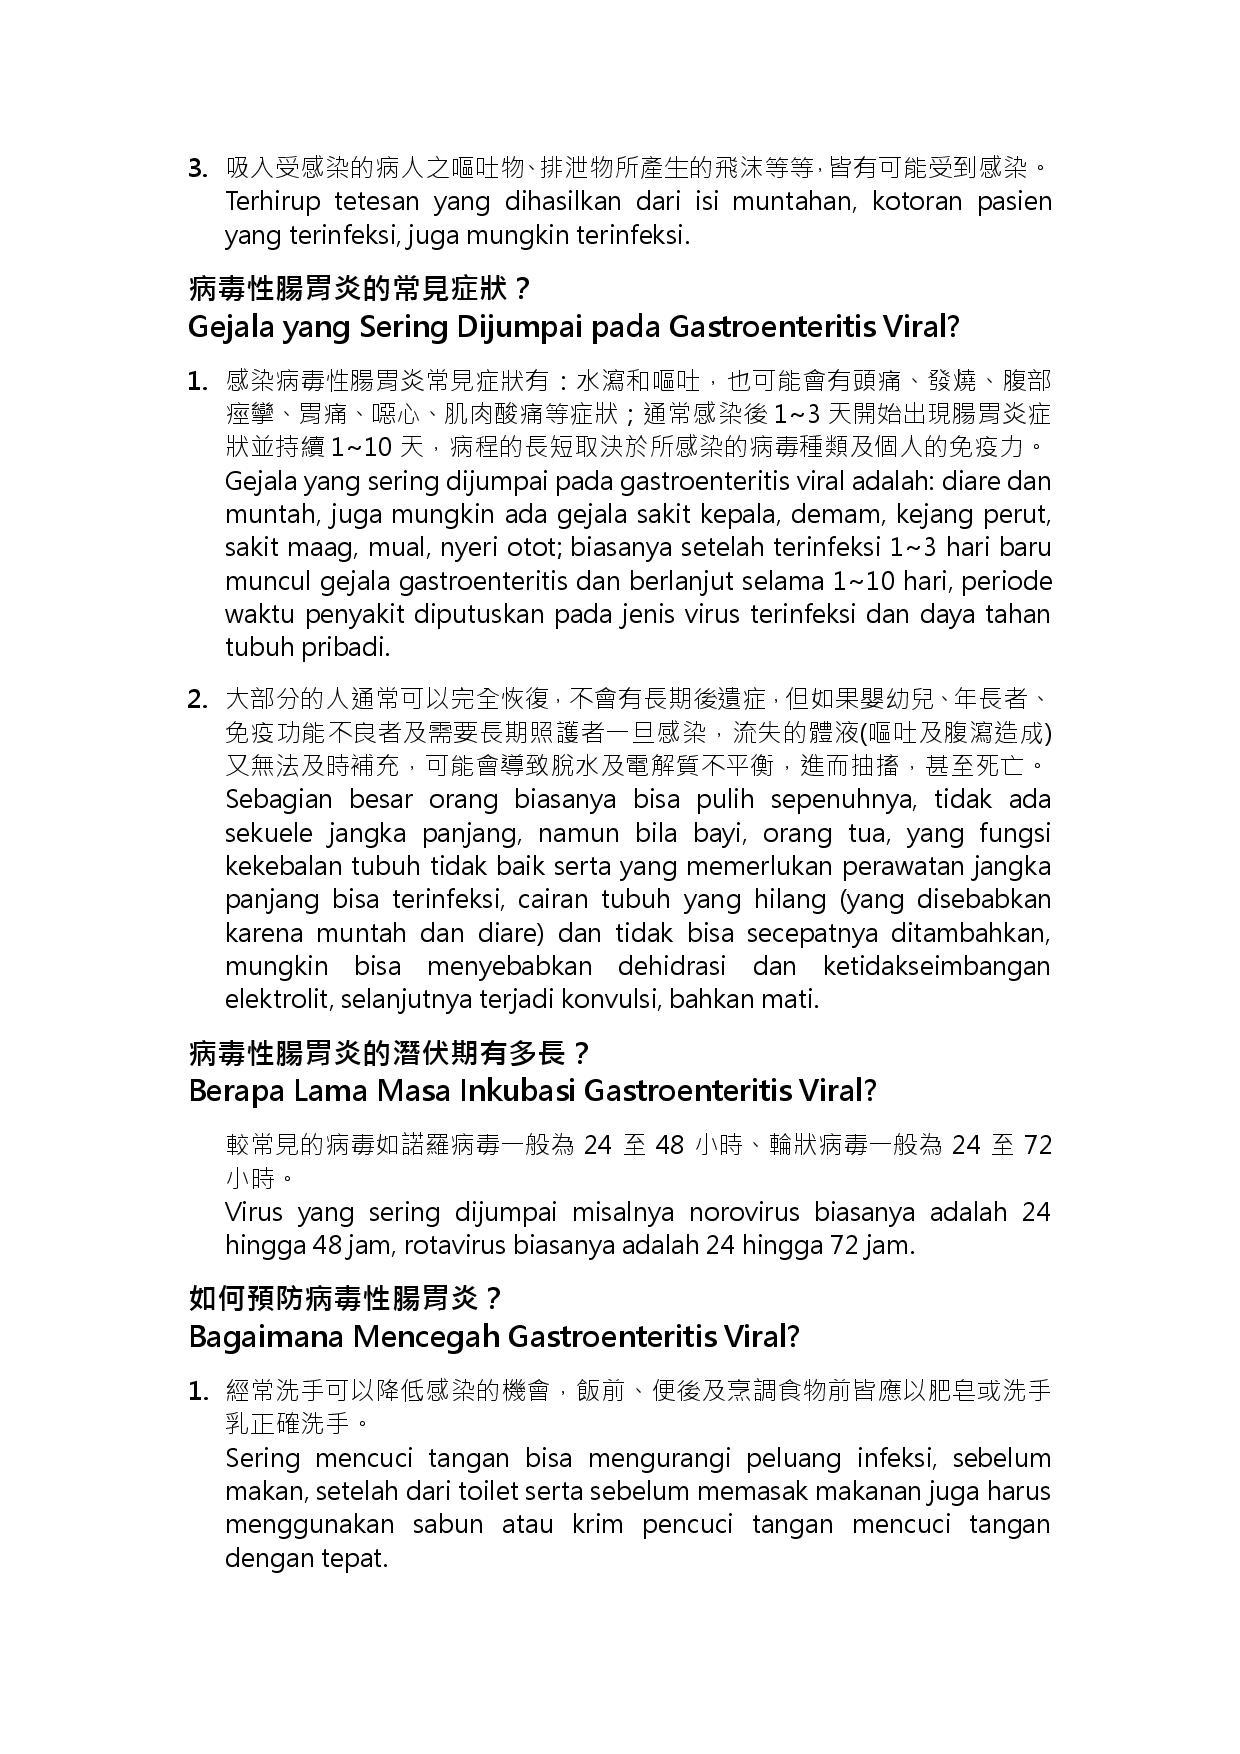 詳如附件【Klik】Mencegah Gastroenteritis Viral(Halaman 2)預防病毒性腸胃炎(印尼文)